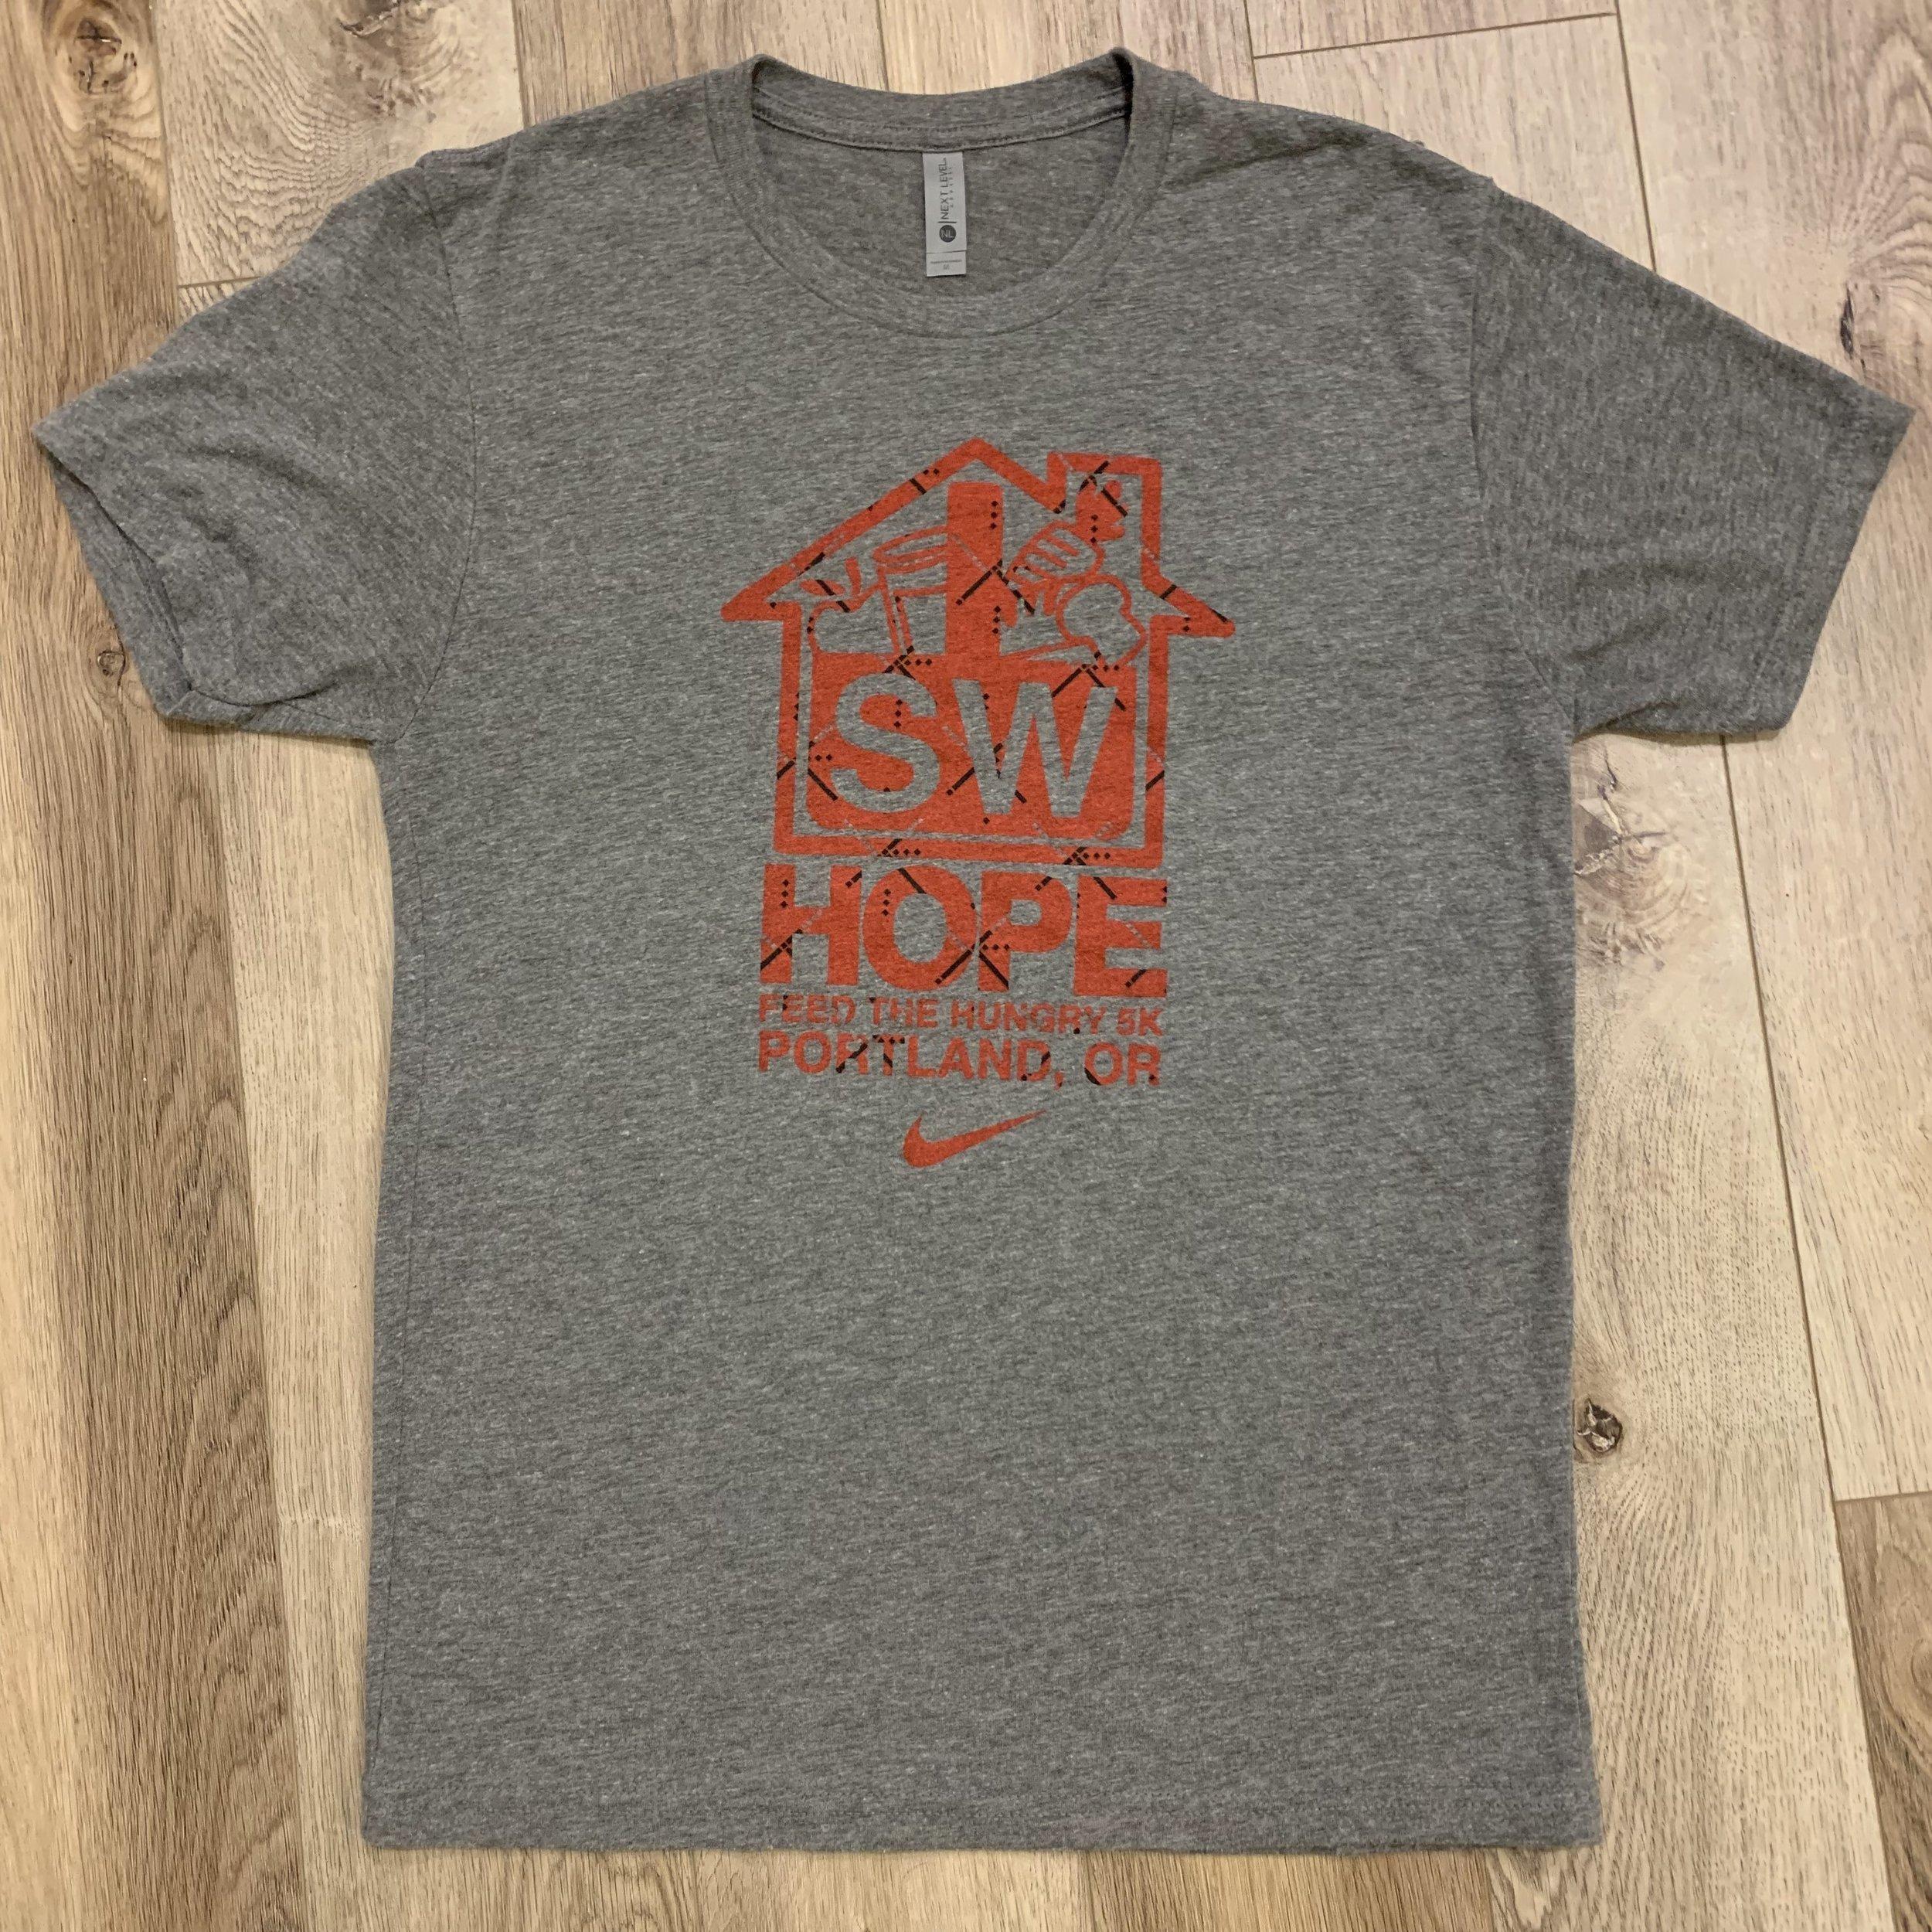 2018 SW Hope 5k T-shirt!